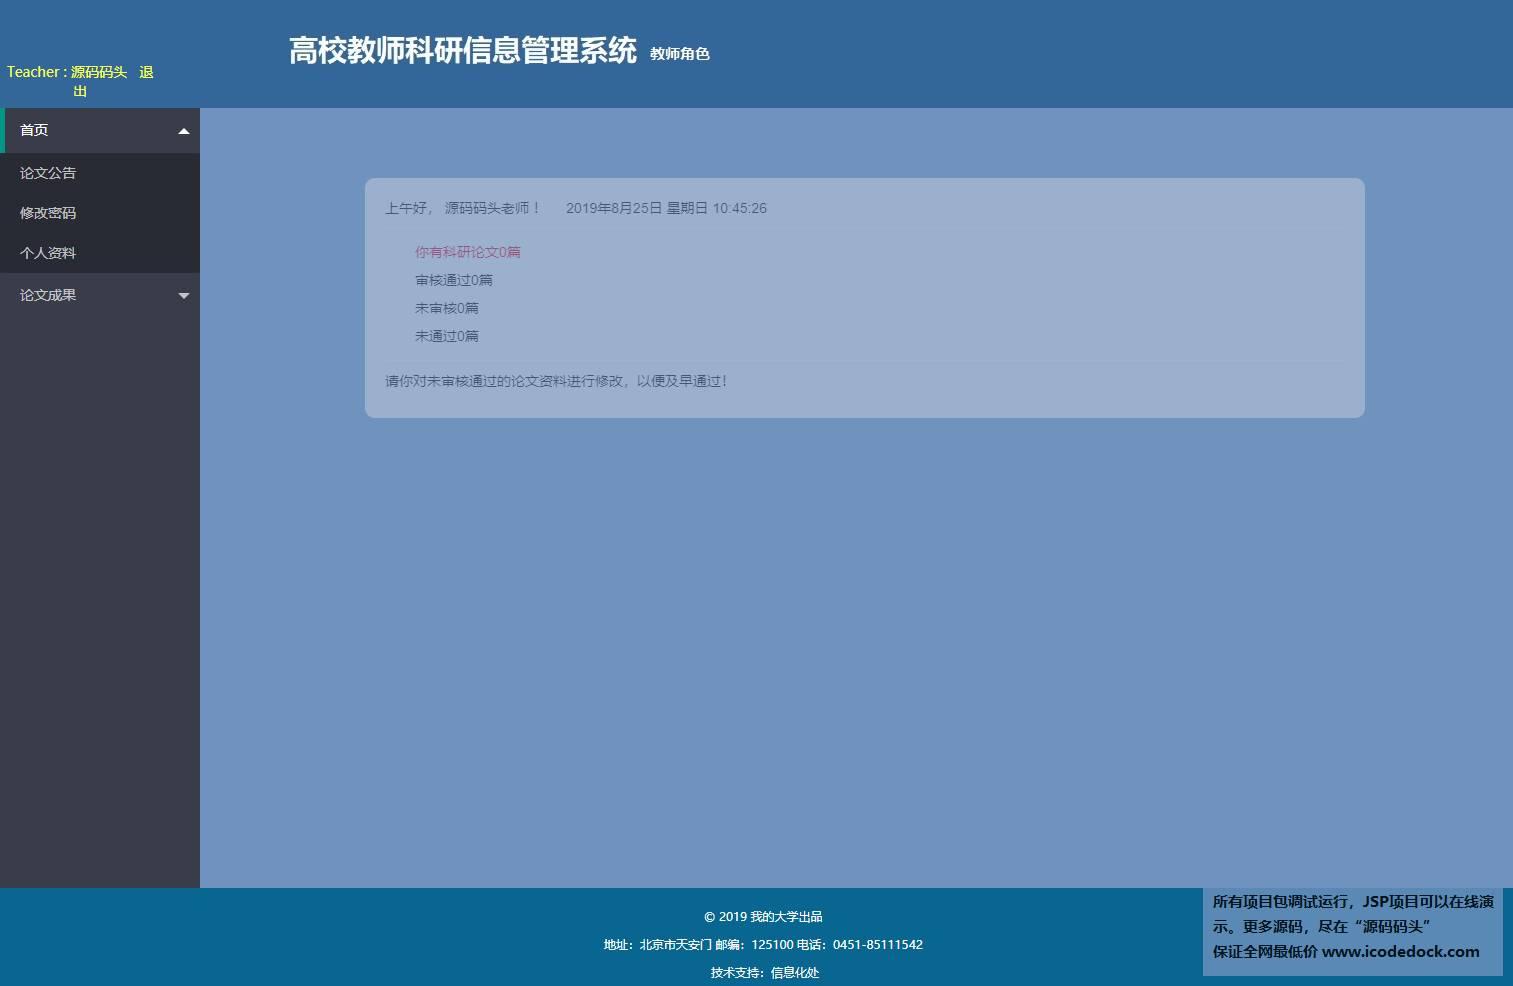 源码码头-JSP教师科研信息管理系统-教师角色-教师首页